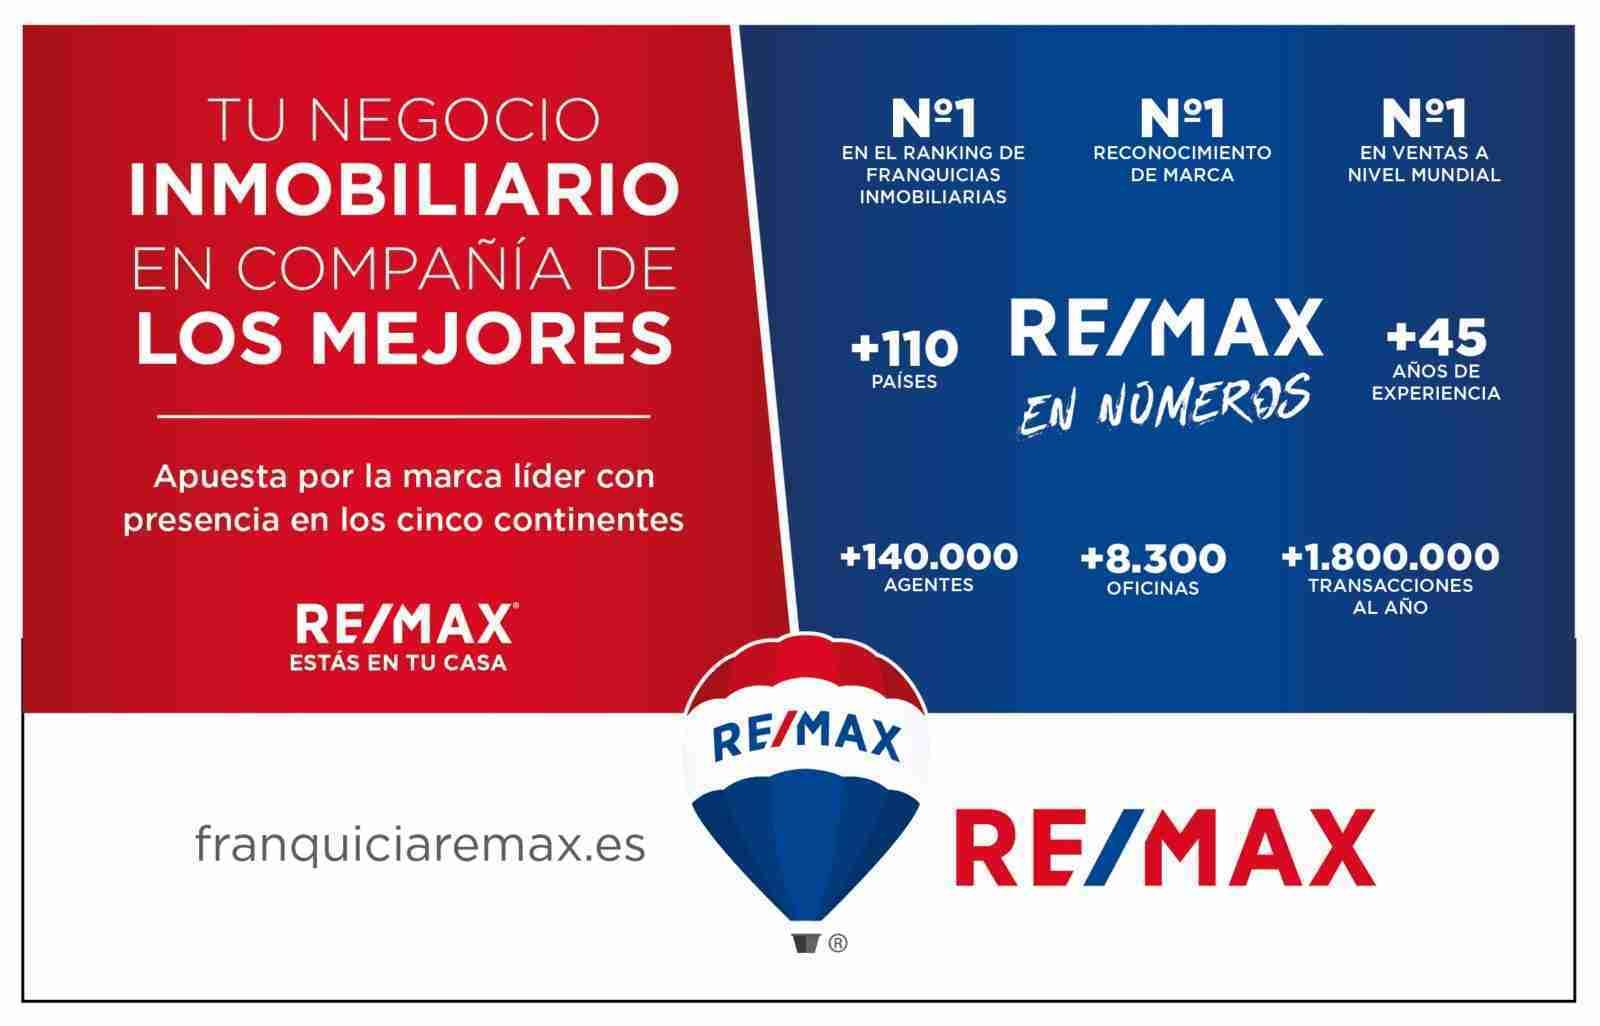 abrir_franquicia_inmobiliaria_con_remax